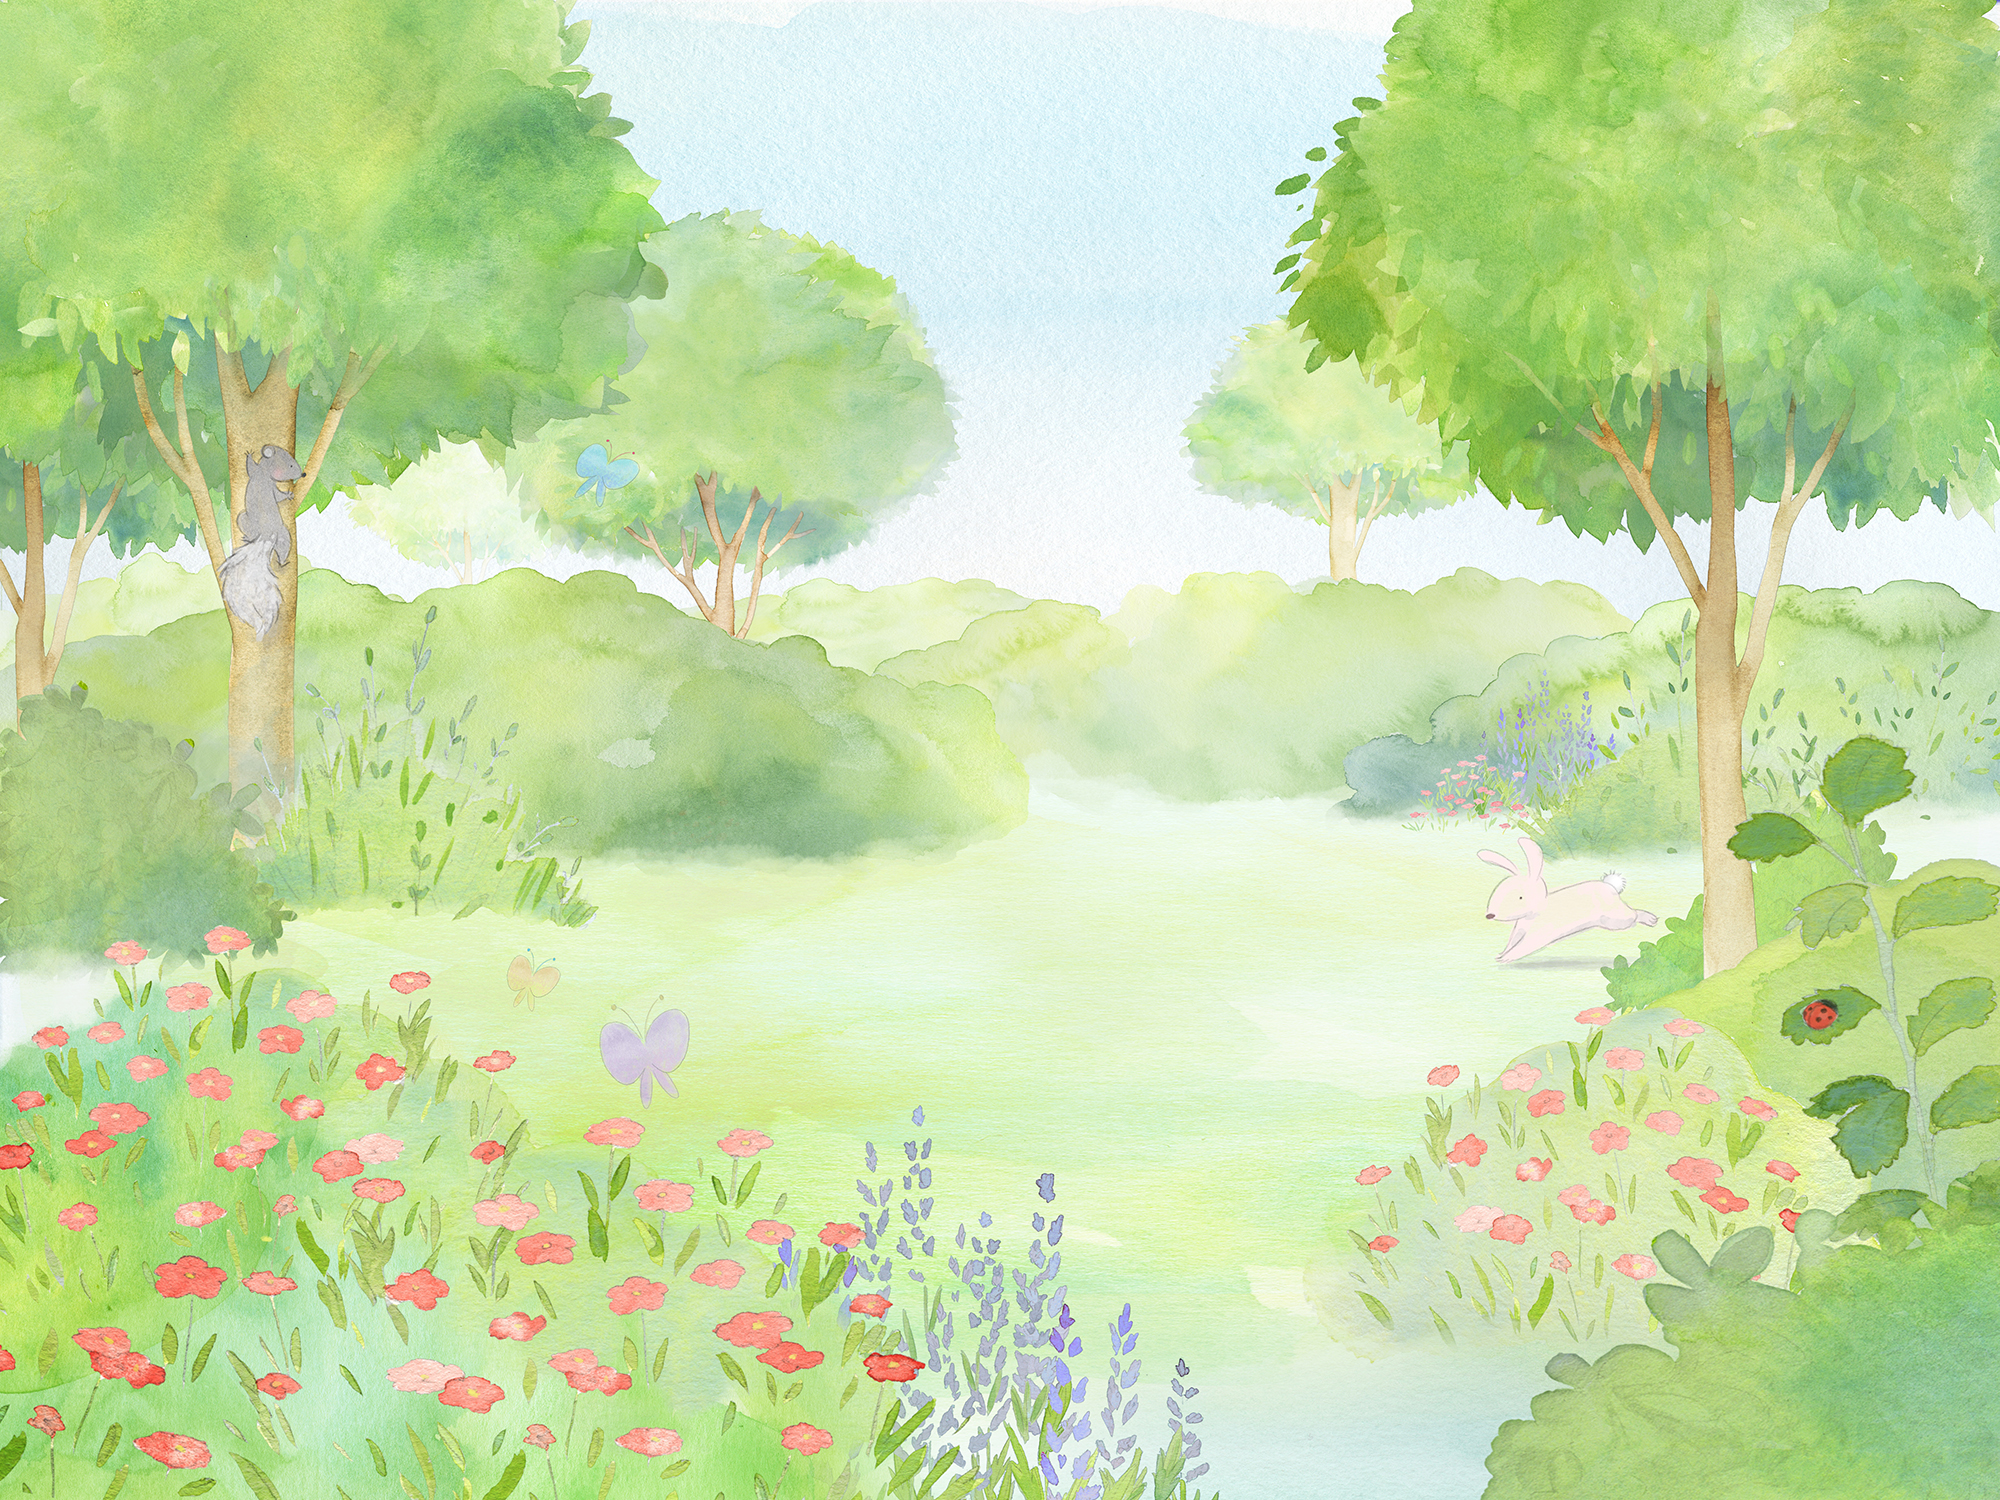 Spring_2012_06.jpg